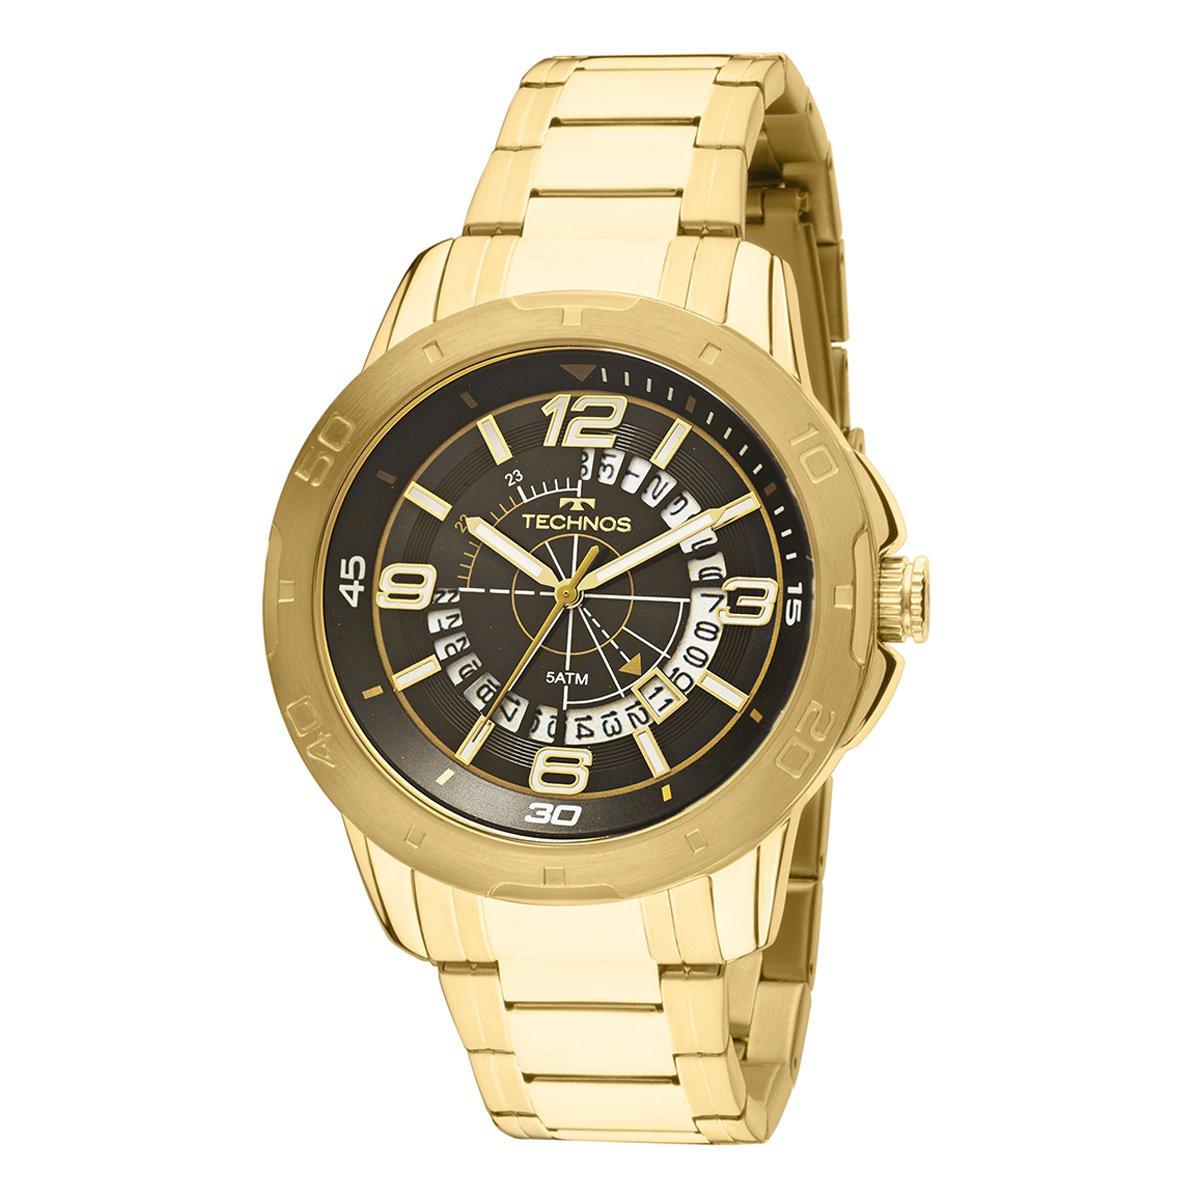 49e6b7847fa Relógio Technos Masculino - Compre Agora